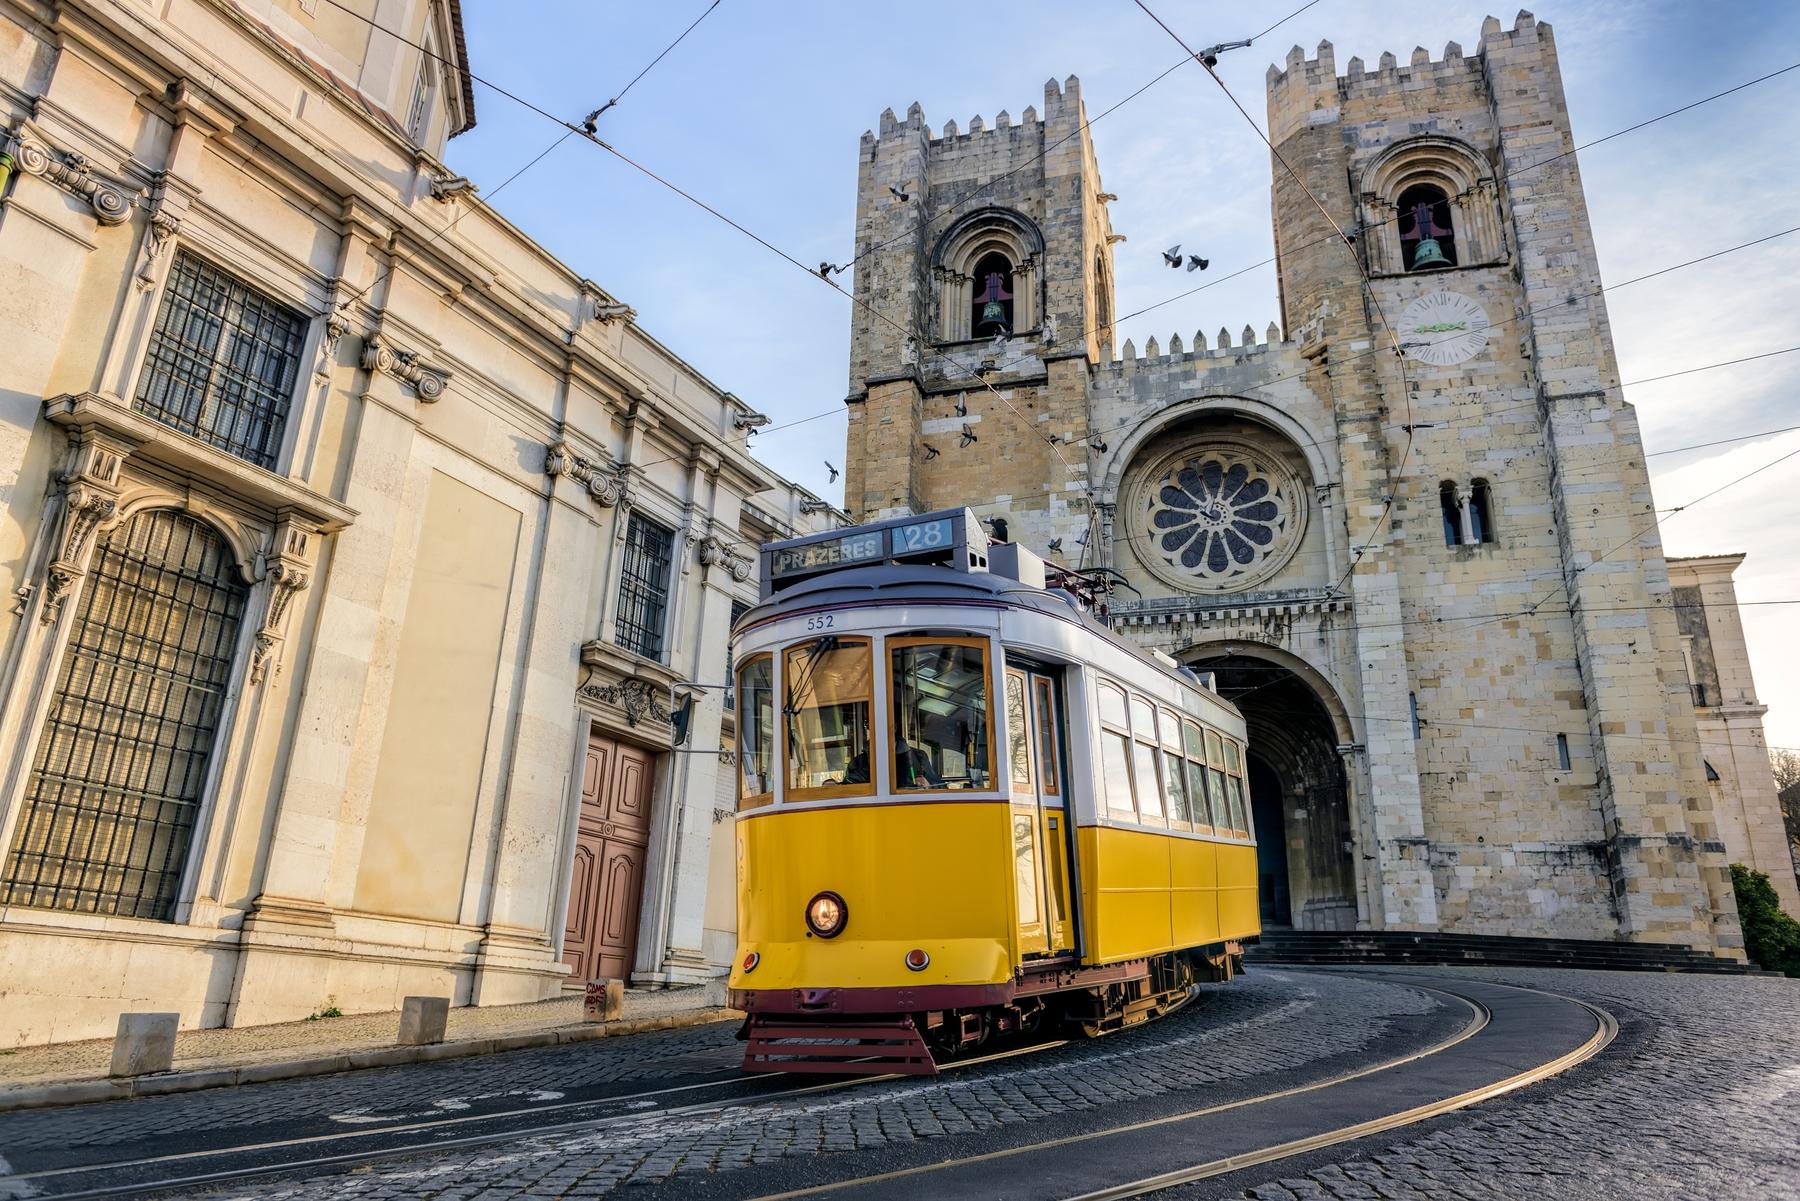 Bonde 28 passando em frente a Catedral de Santa Maria, em Lisboa, Portugal.